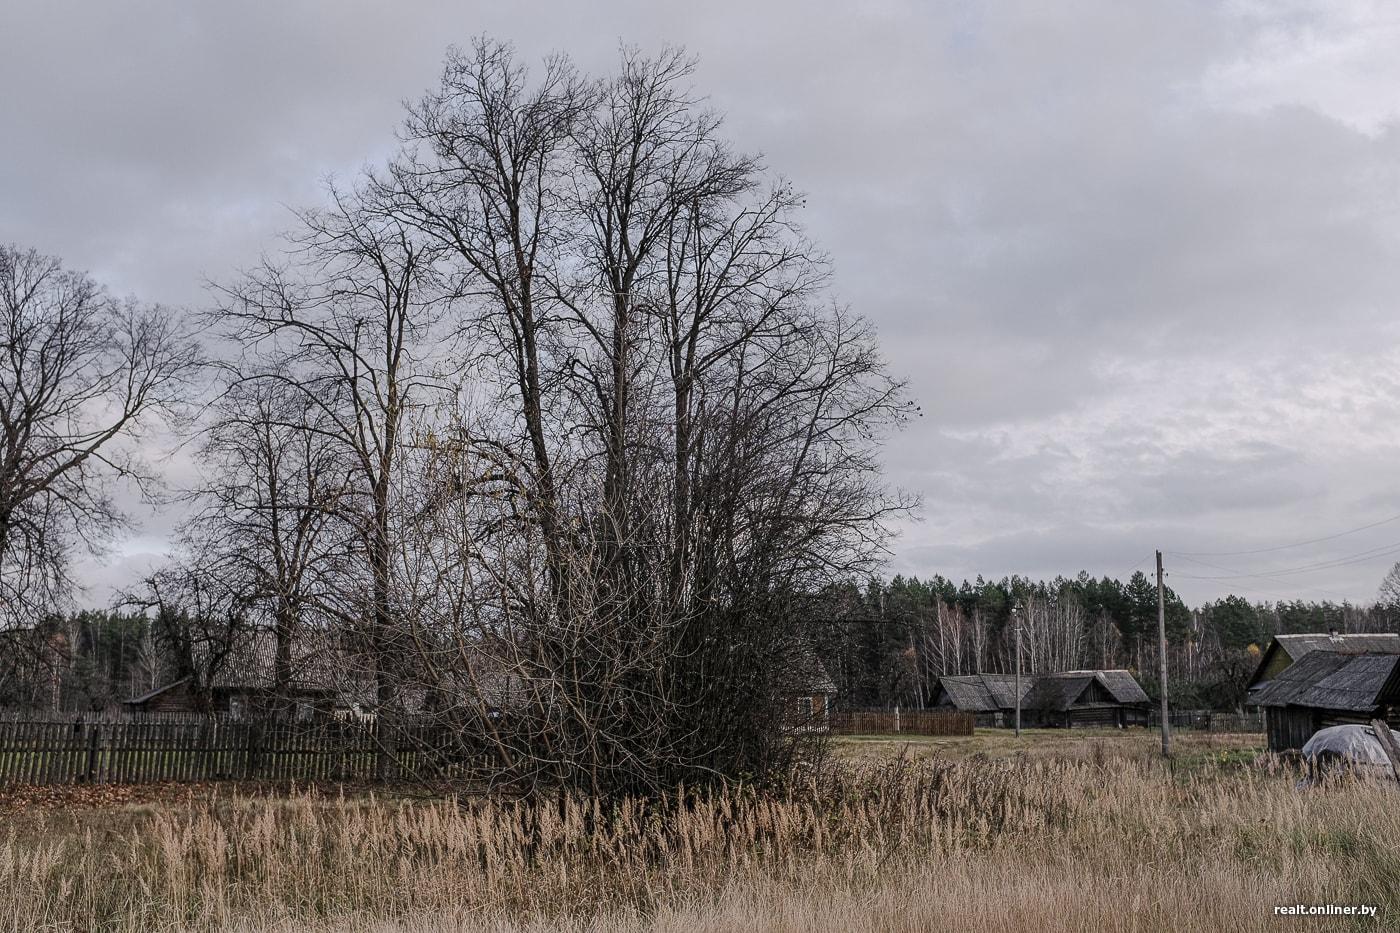 Сельчане из Борисовского района рассказали, как бороться с осенней хандрой 31